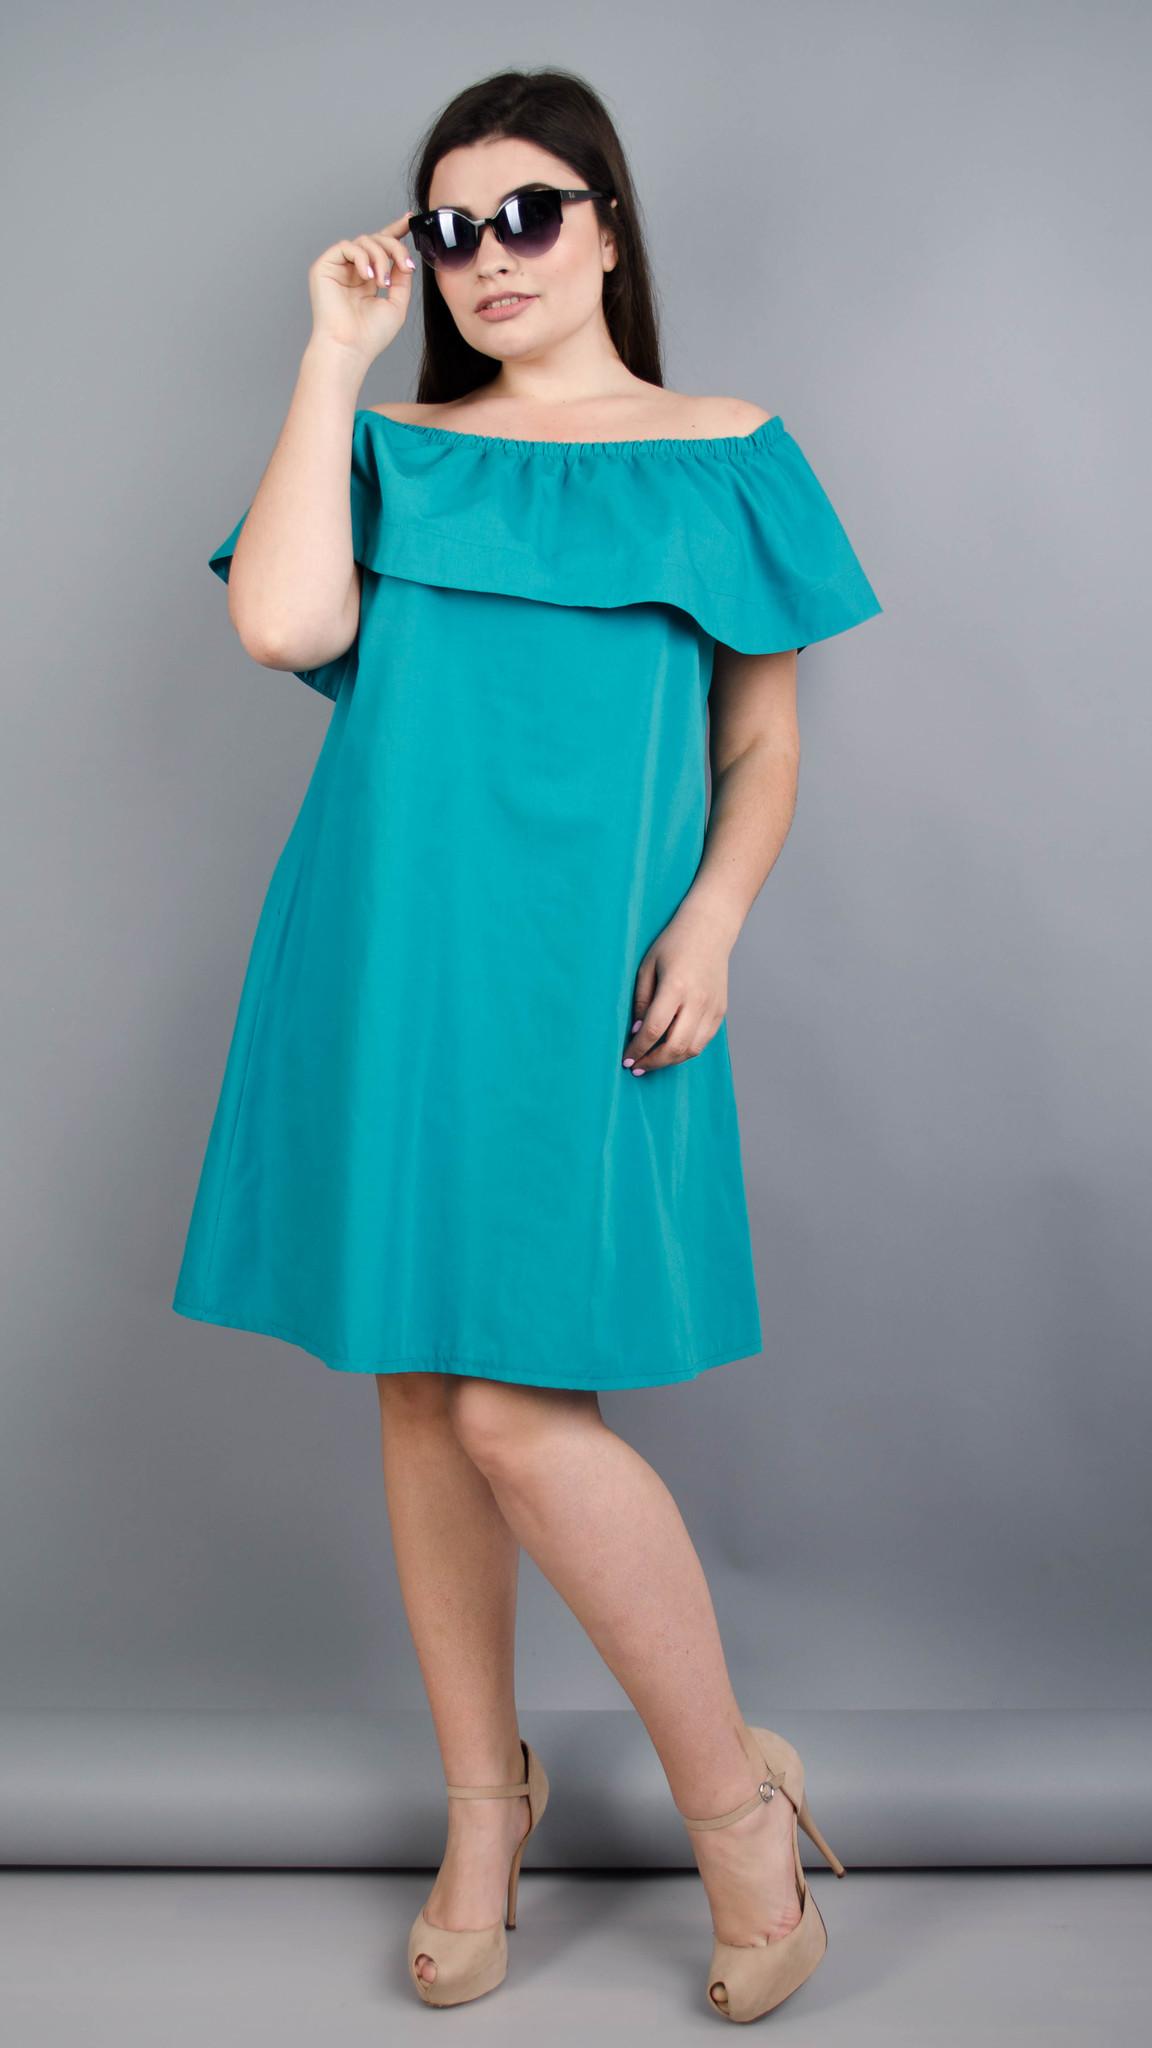 Балі. Модне плаття з воланом великих розмірів. Бірюза.